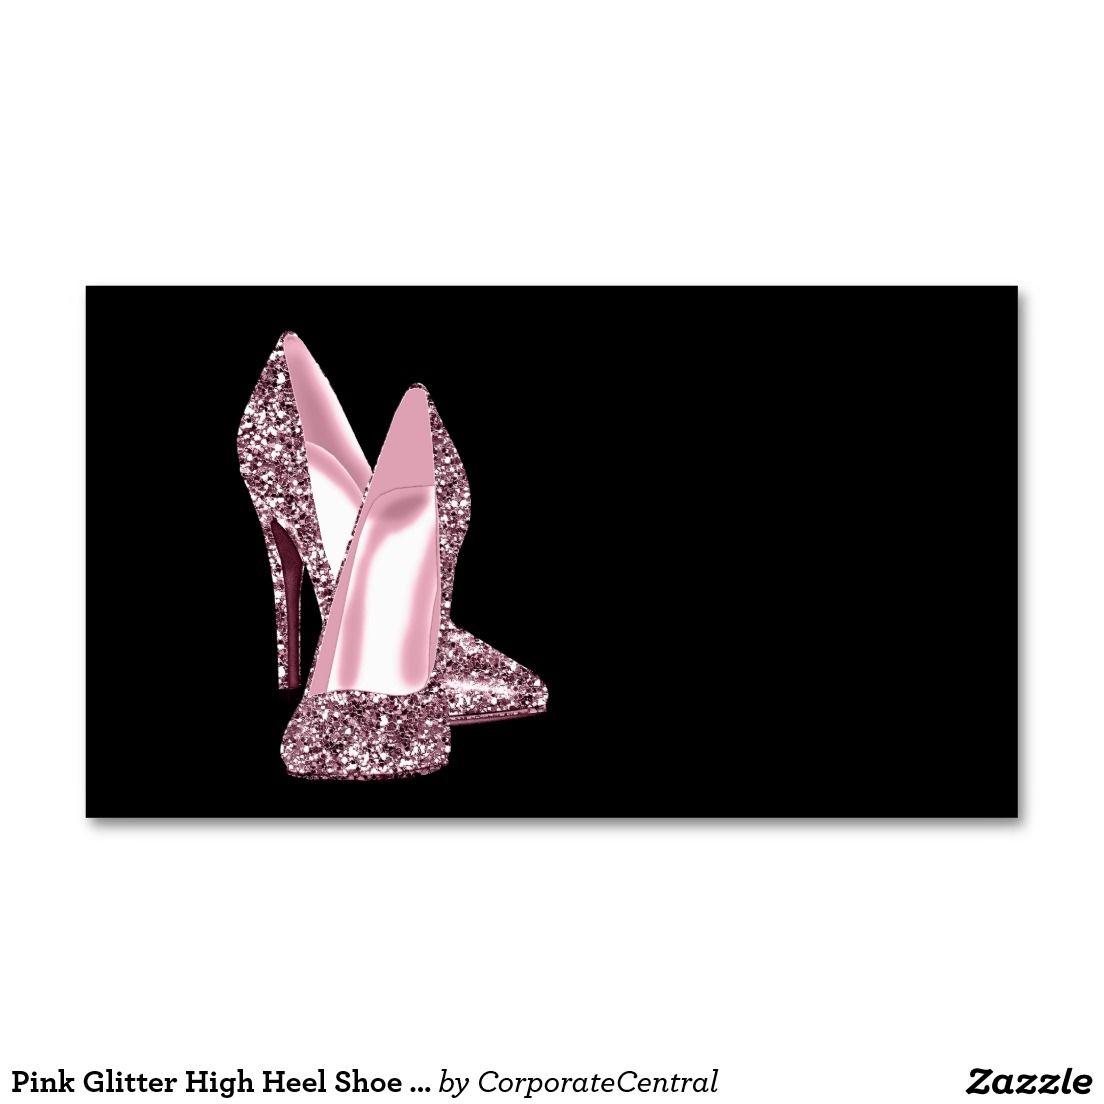 Pink Glitter High Heel Shoe Business Card Template Zazzle Co Uk Glitter High Heels Business Card Template Pink Glitter